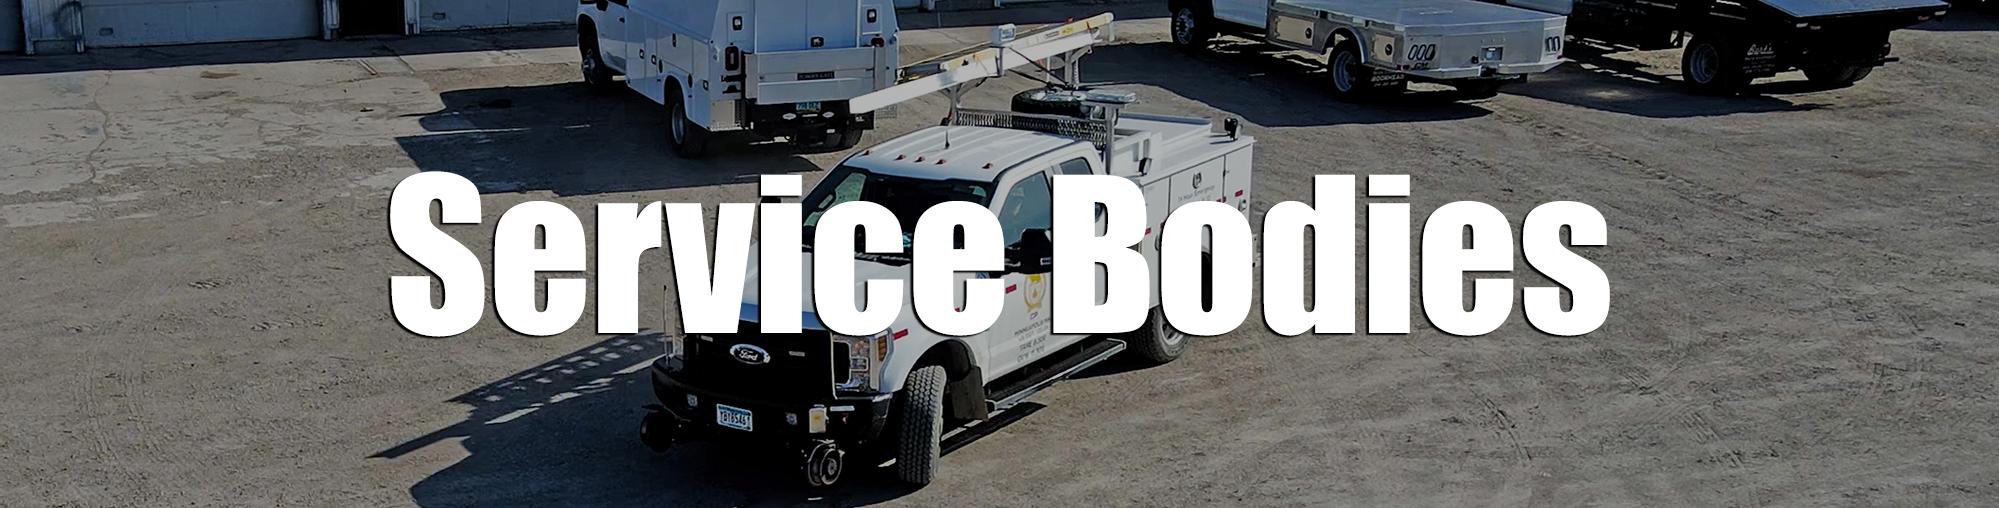 Service Bodies Banner